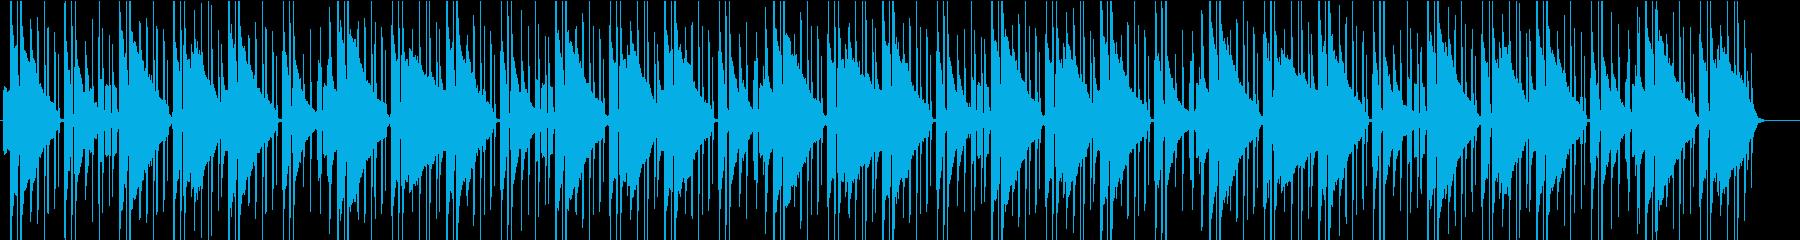 どうぶつの森っぽいBGM ~夜中~の再生済みの波形